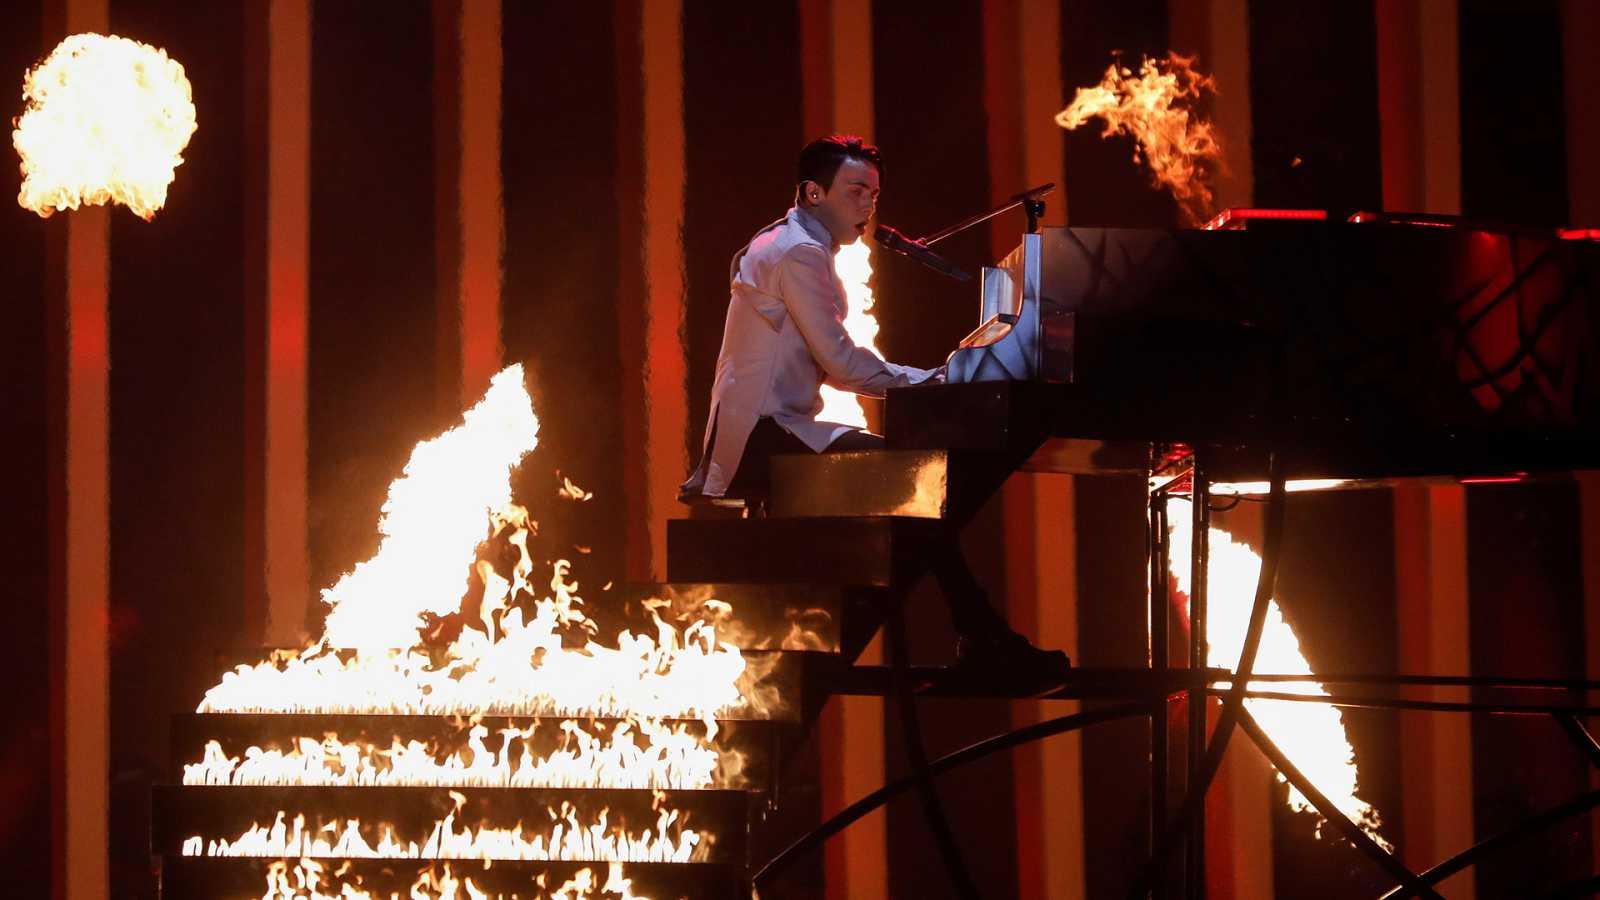 """Eurovisión - Ucrania: Melovin canta """"Under the Ladder"""" en la segunda semifinal de Eurovisión 2018"""